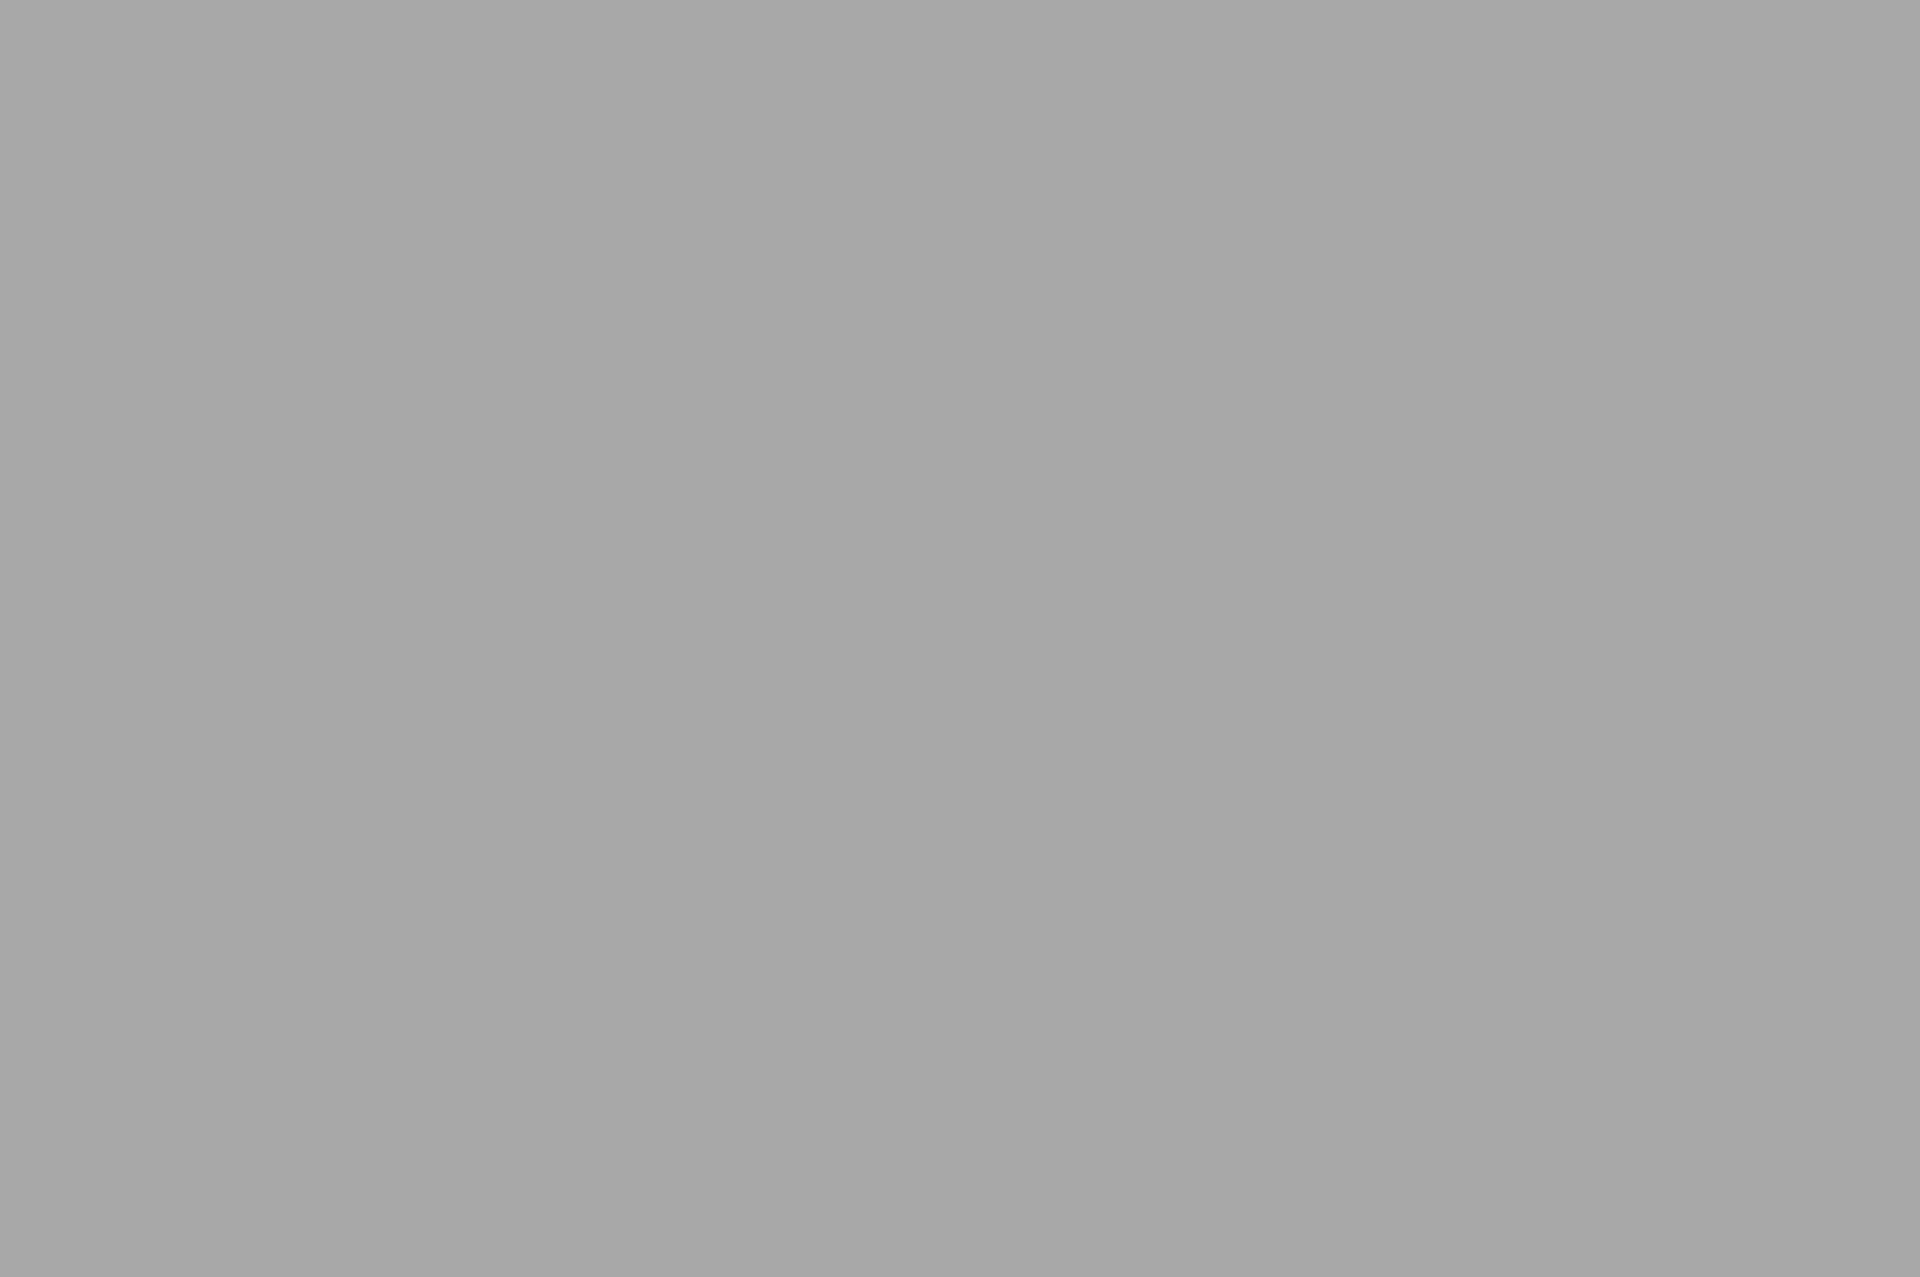 john-price-RAZQiZOX3mU-unsplash (1) (1)